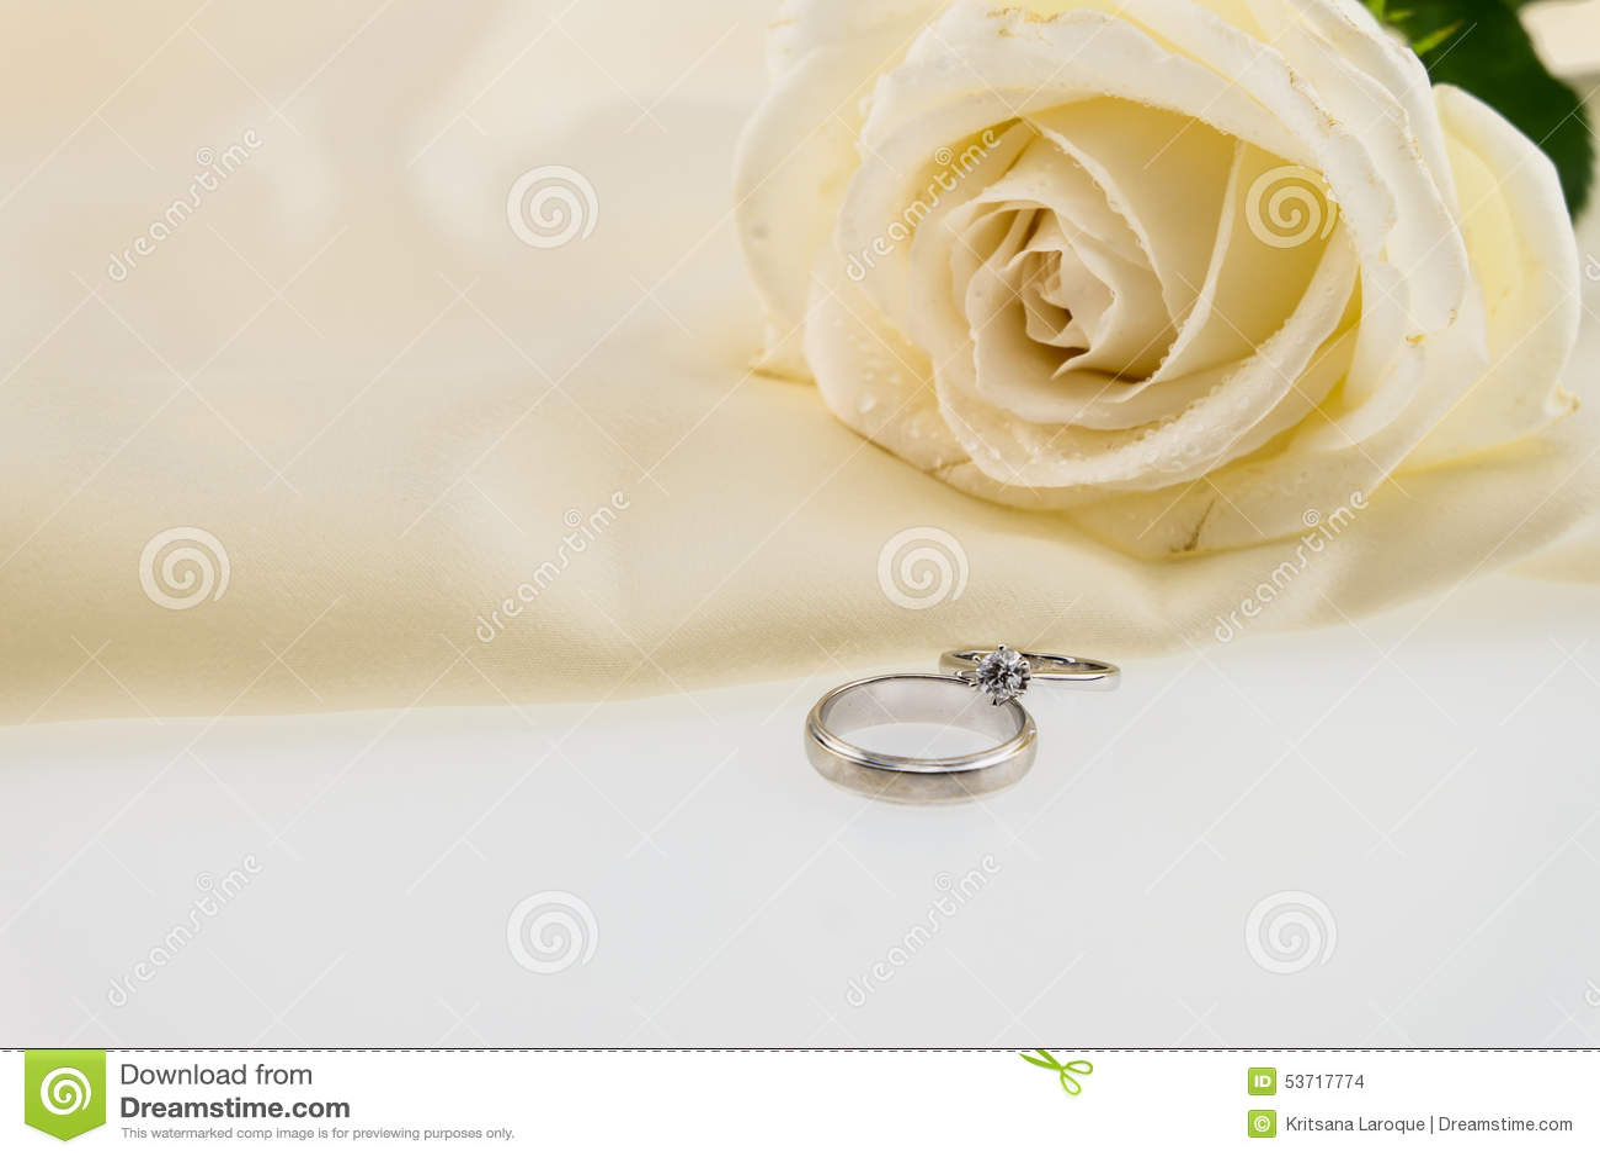 Aliança De Casamento E Rosa Do Branco No Cetim Da Seda Do Marfim ... b10f78985ce2e